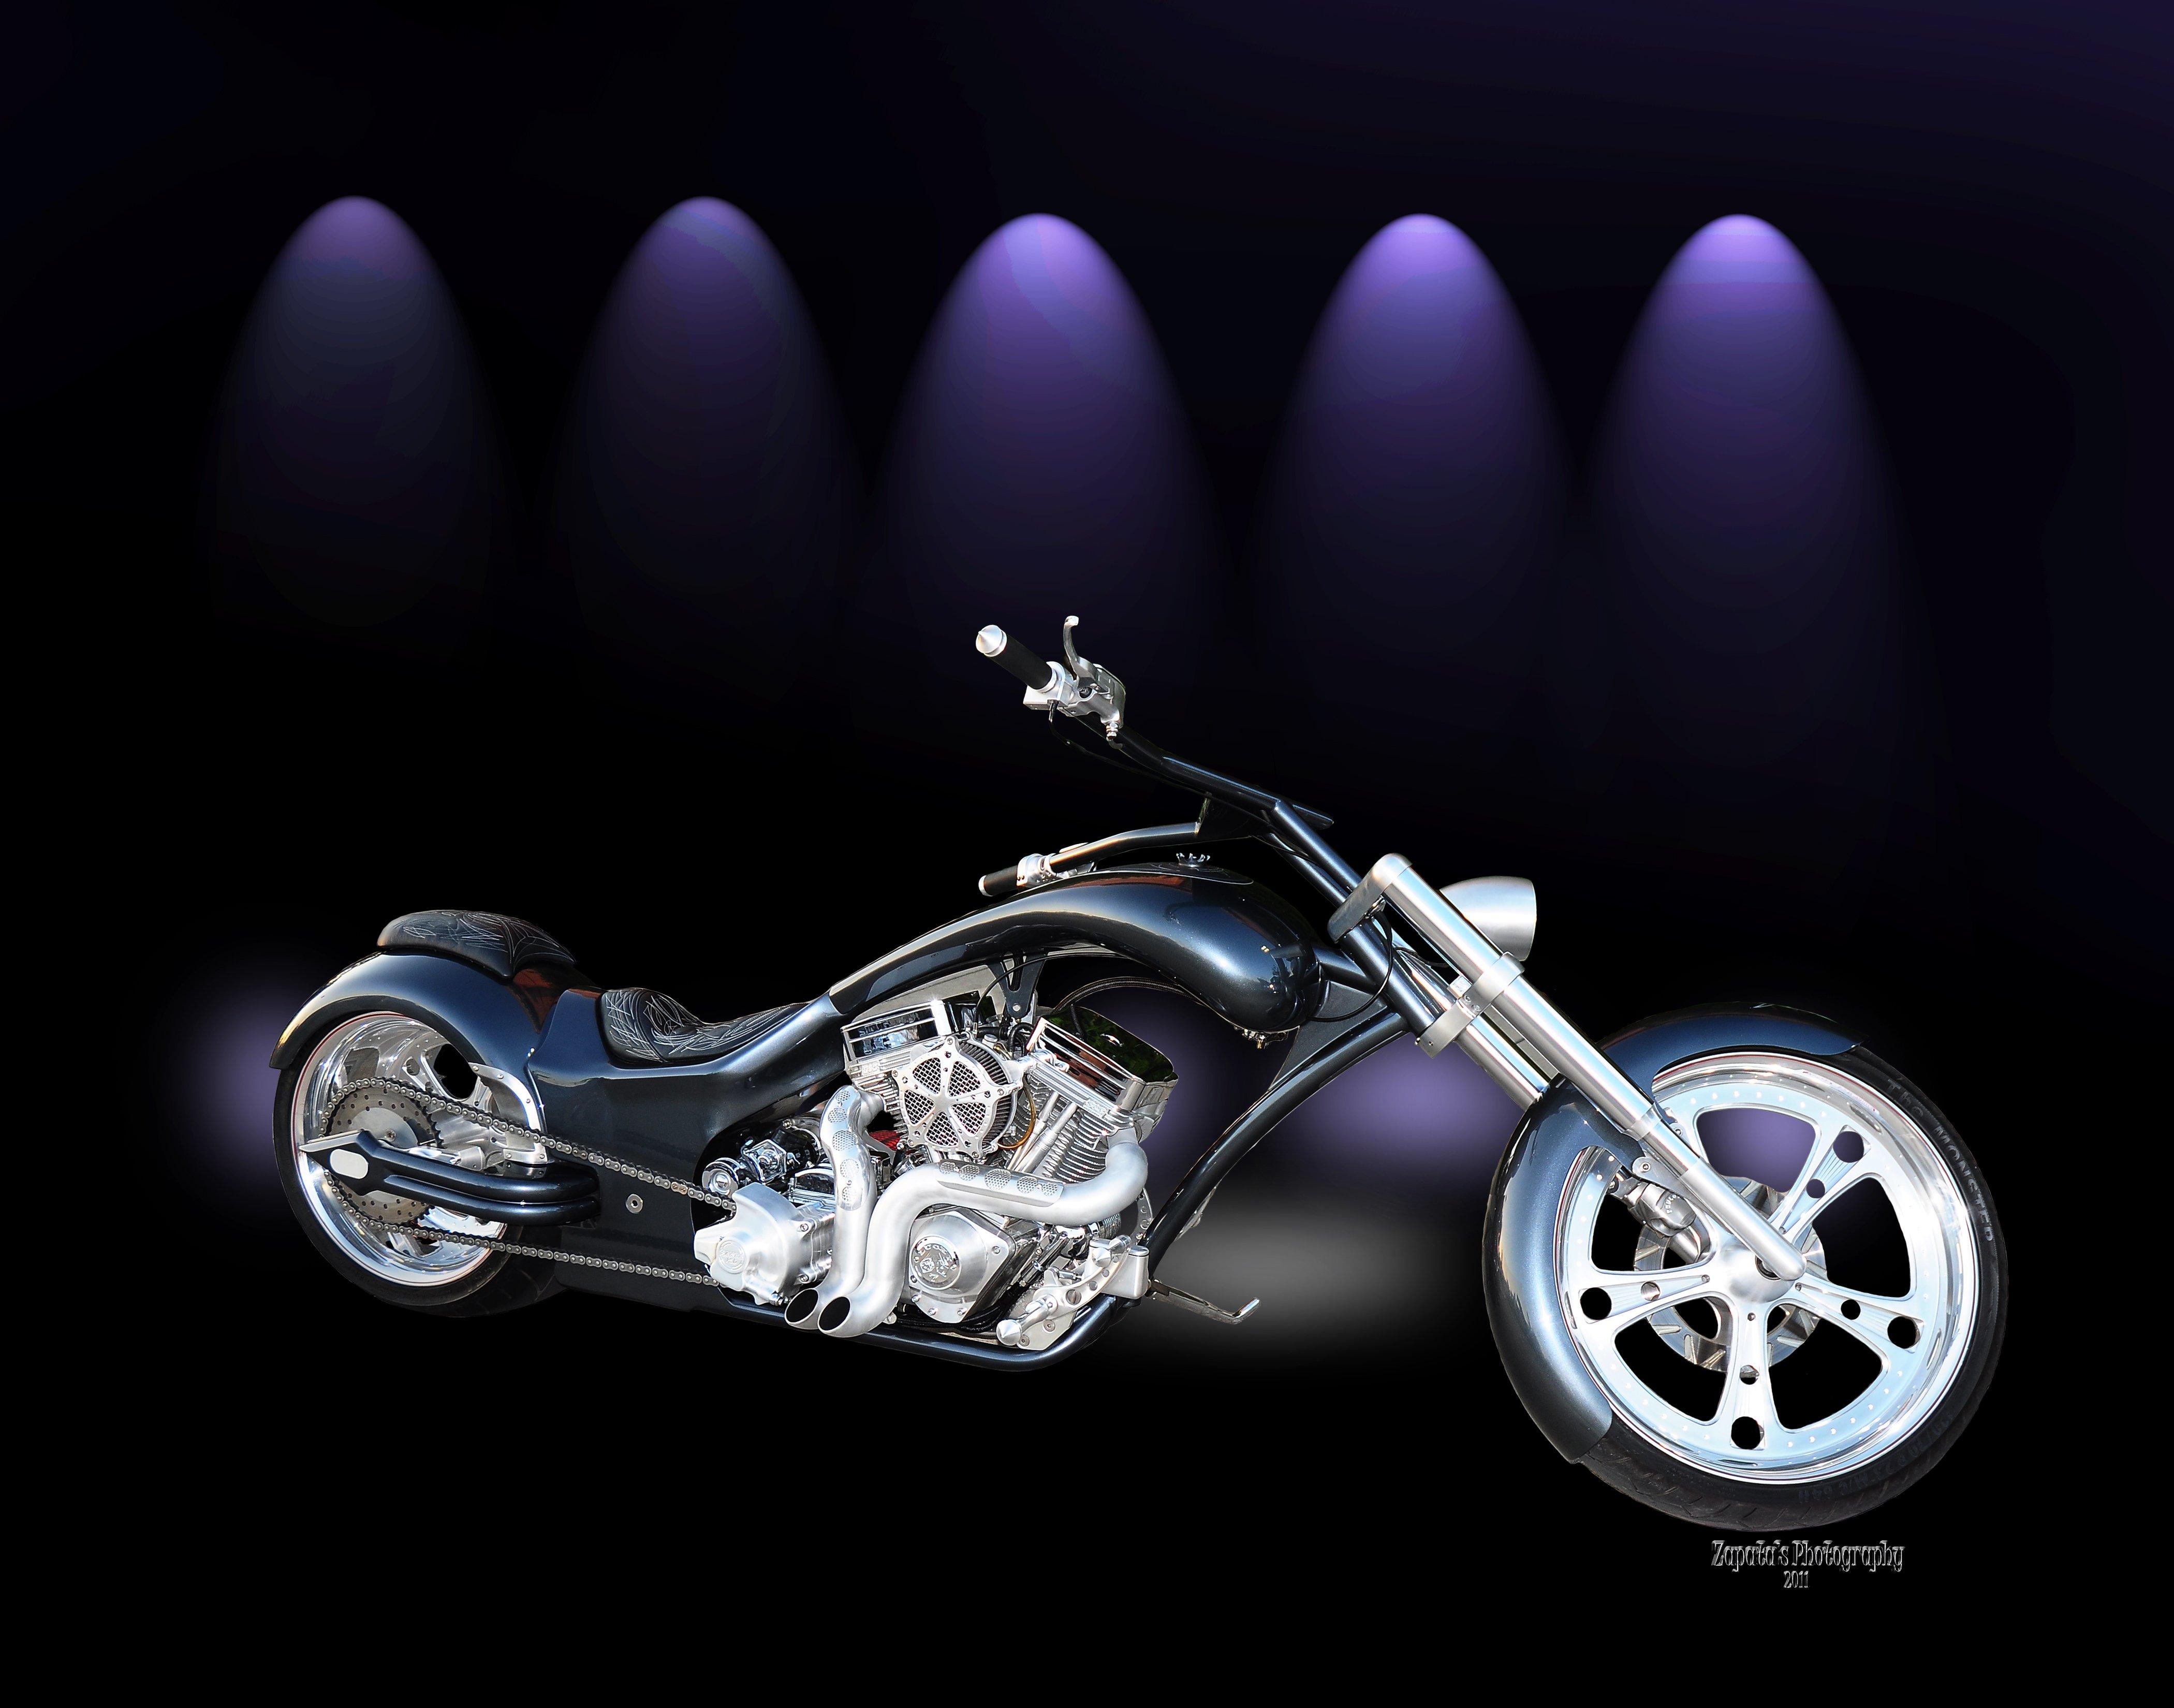 Февраля, видео открытка с мотоциклами